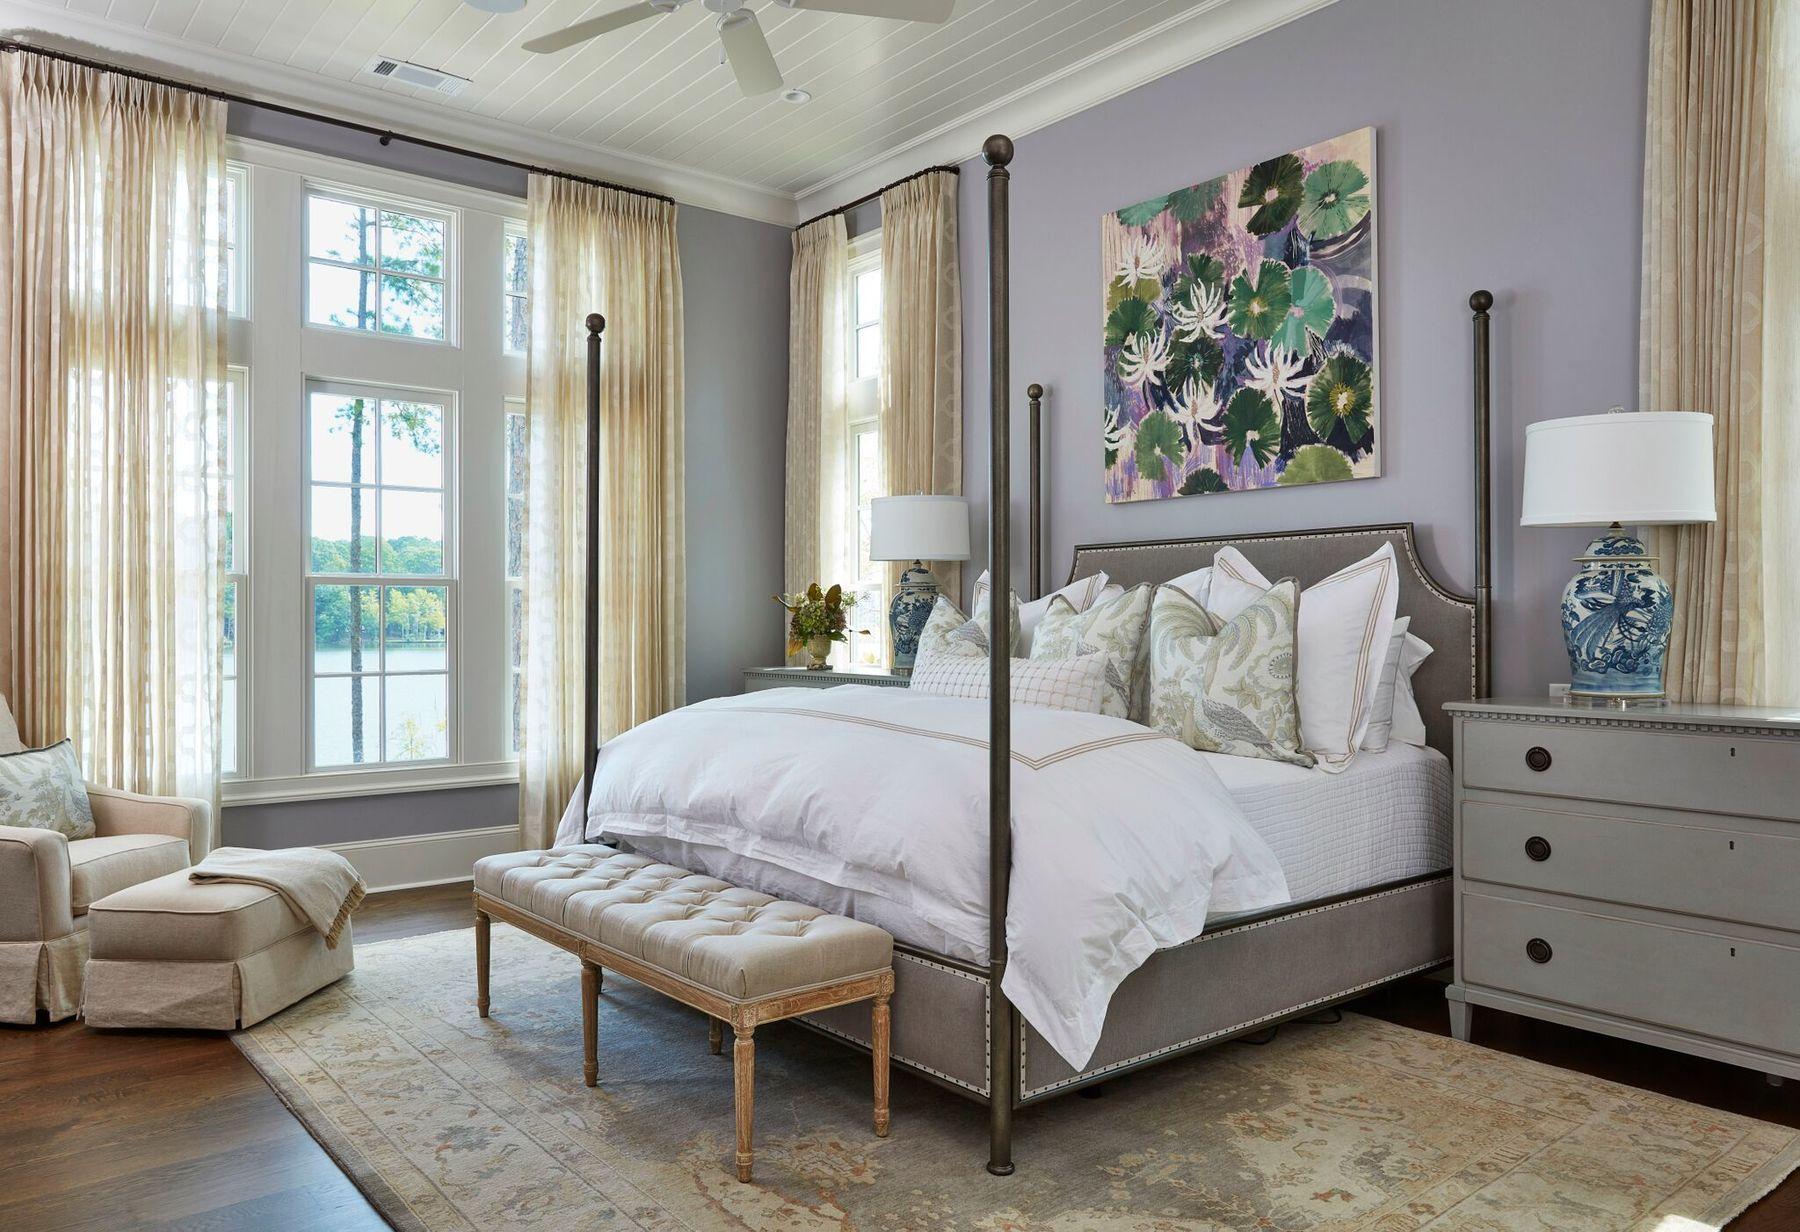 Gainesville designer Maggie Griffin created a serene